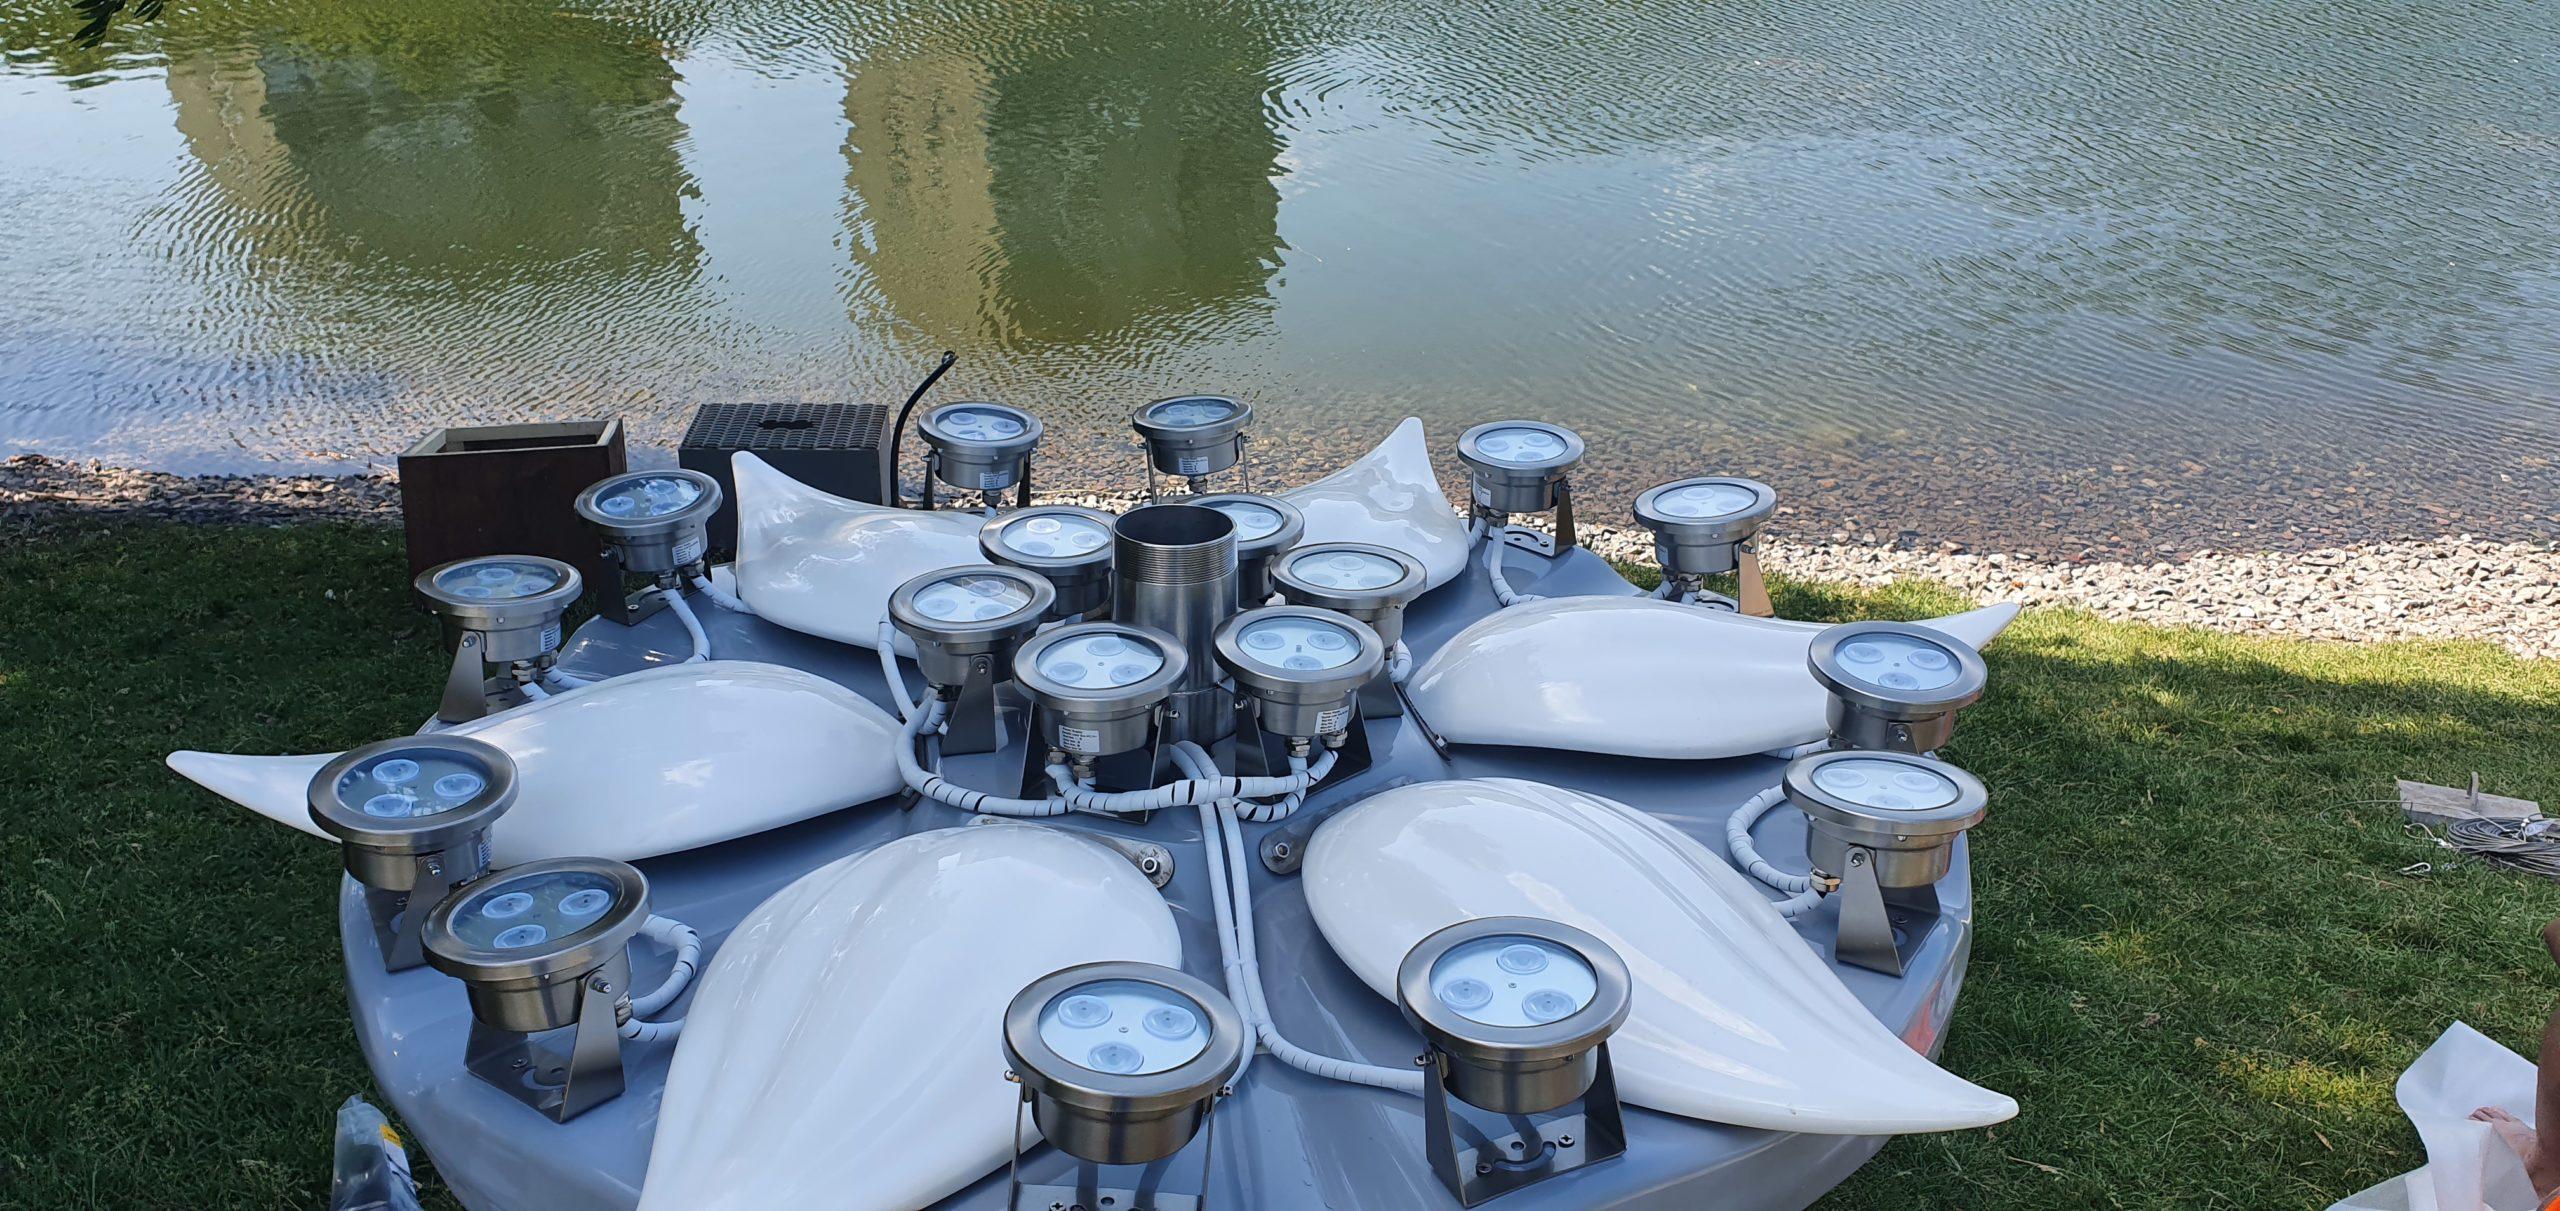 Плавающие фонтаны Москва